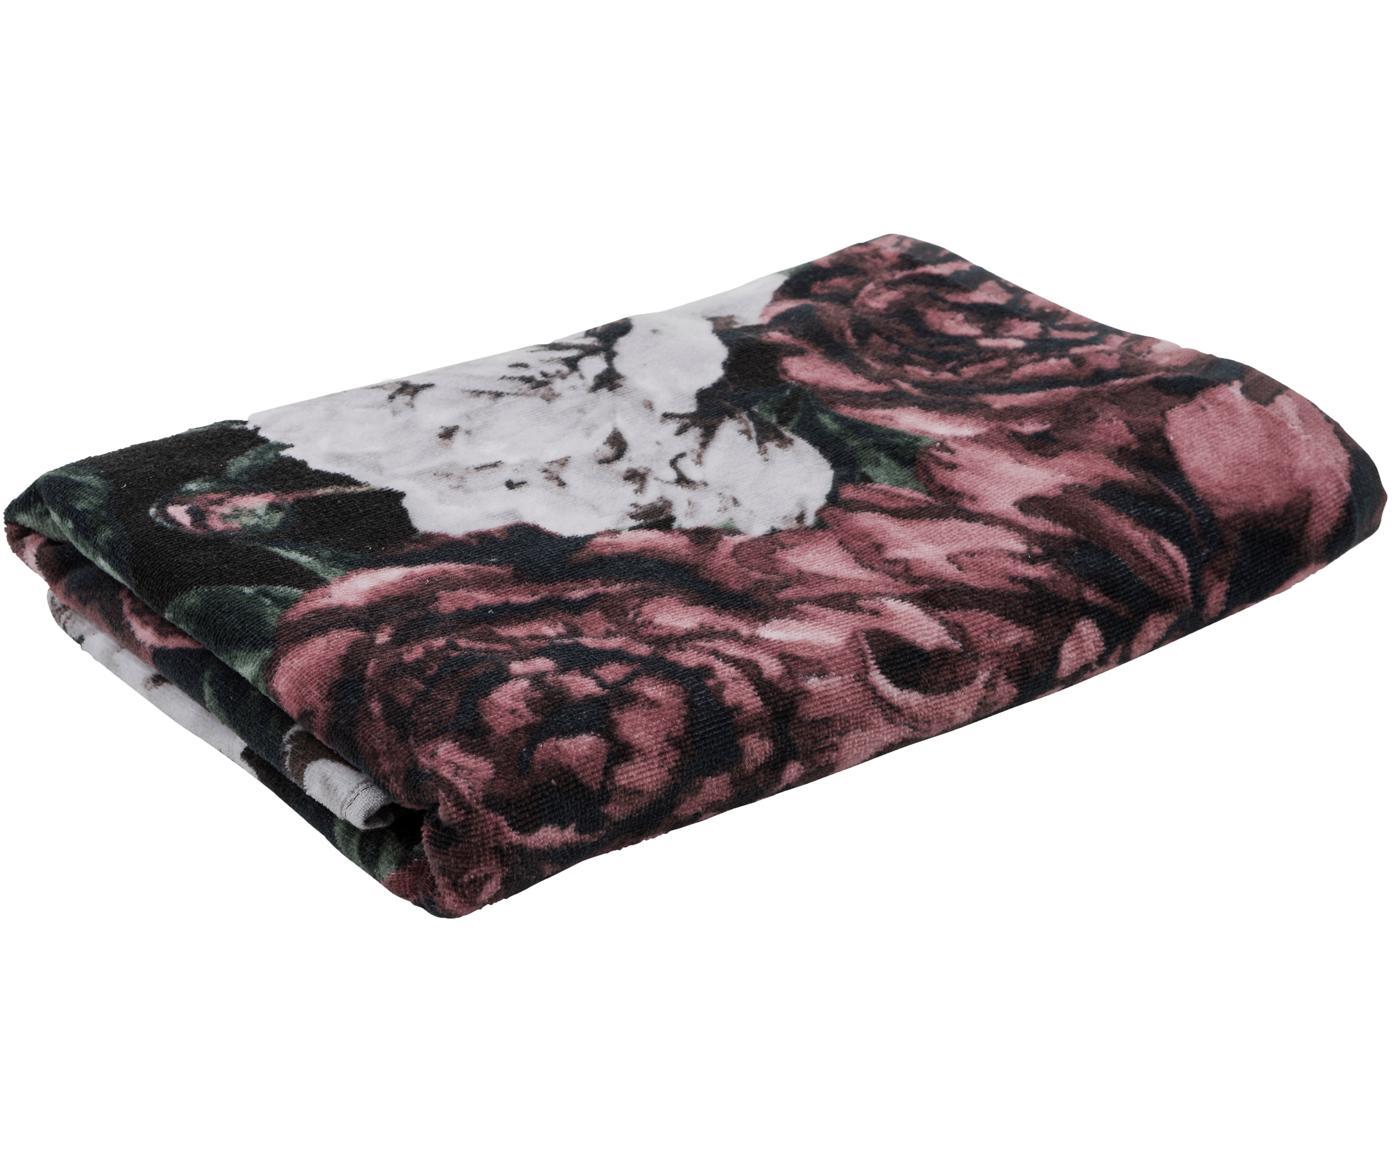 Asciugamano con motivo floreale Allison, Rosso, verde, bianco, nero, Asciugamano per ospiti